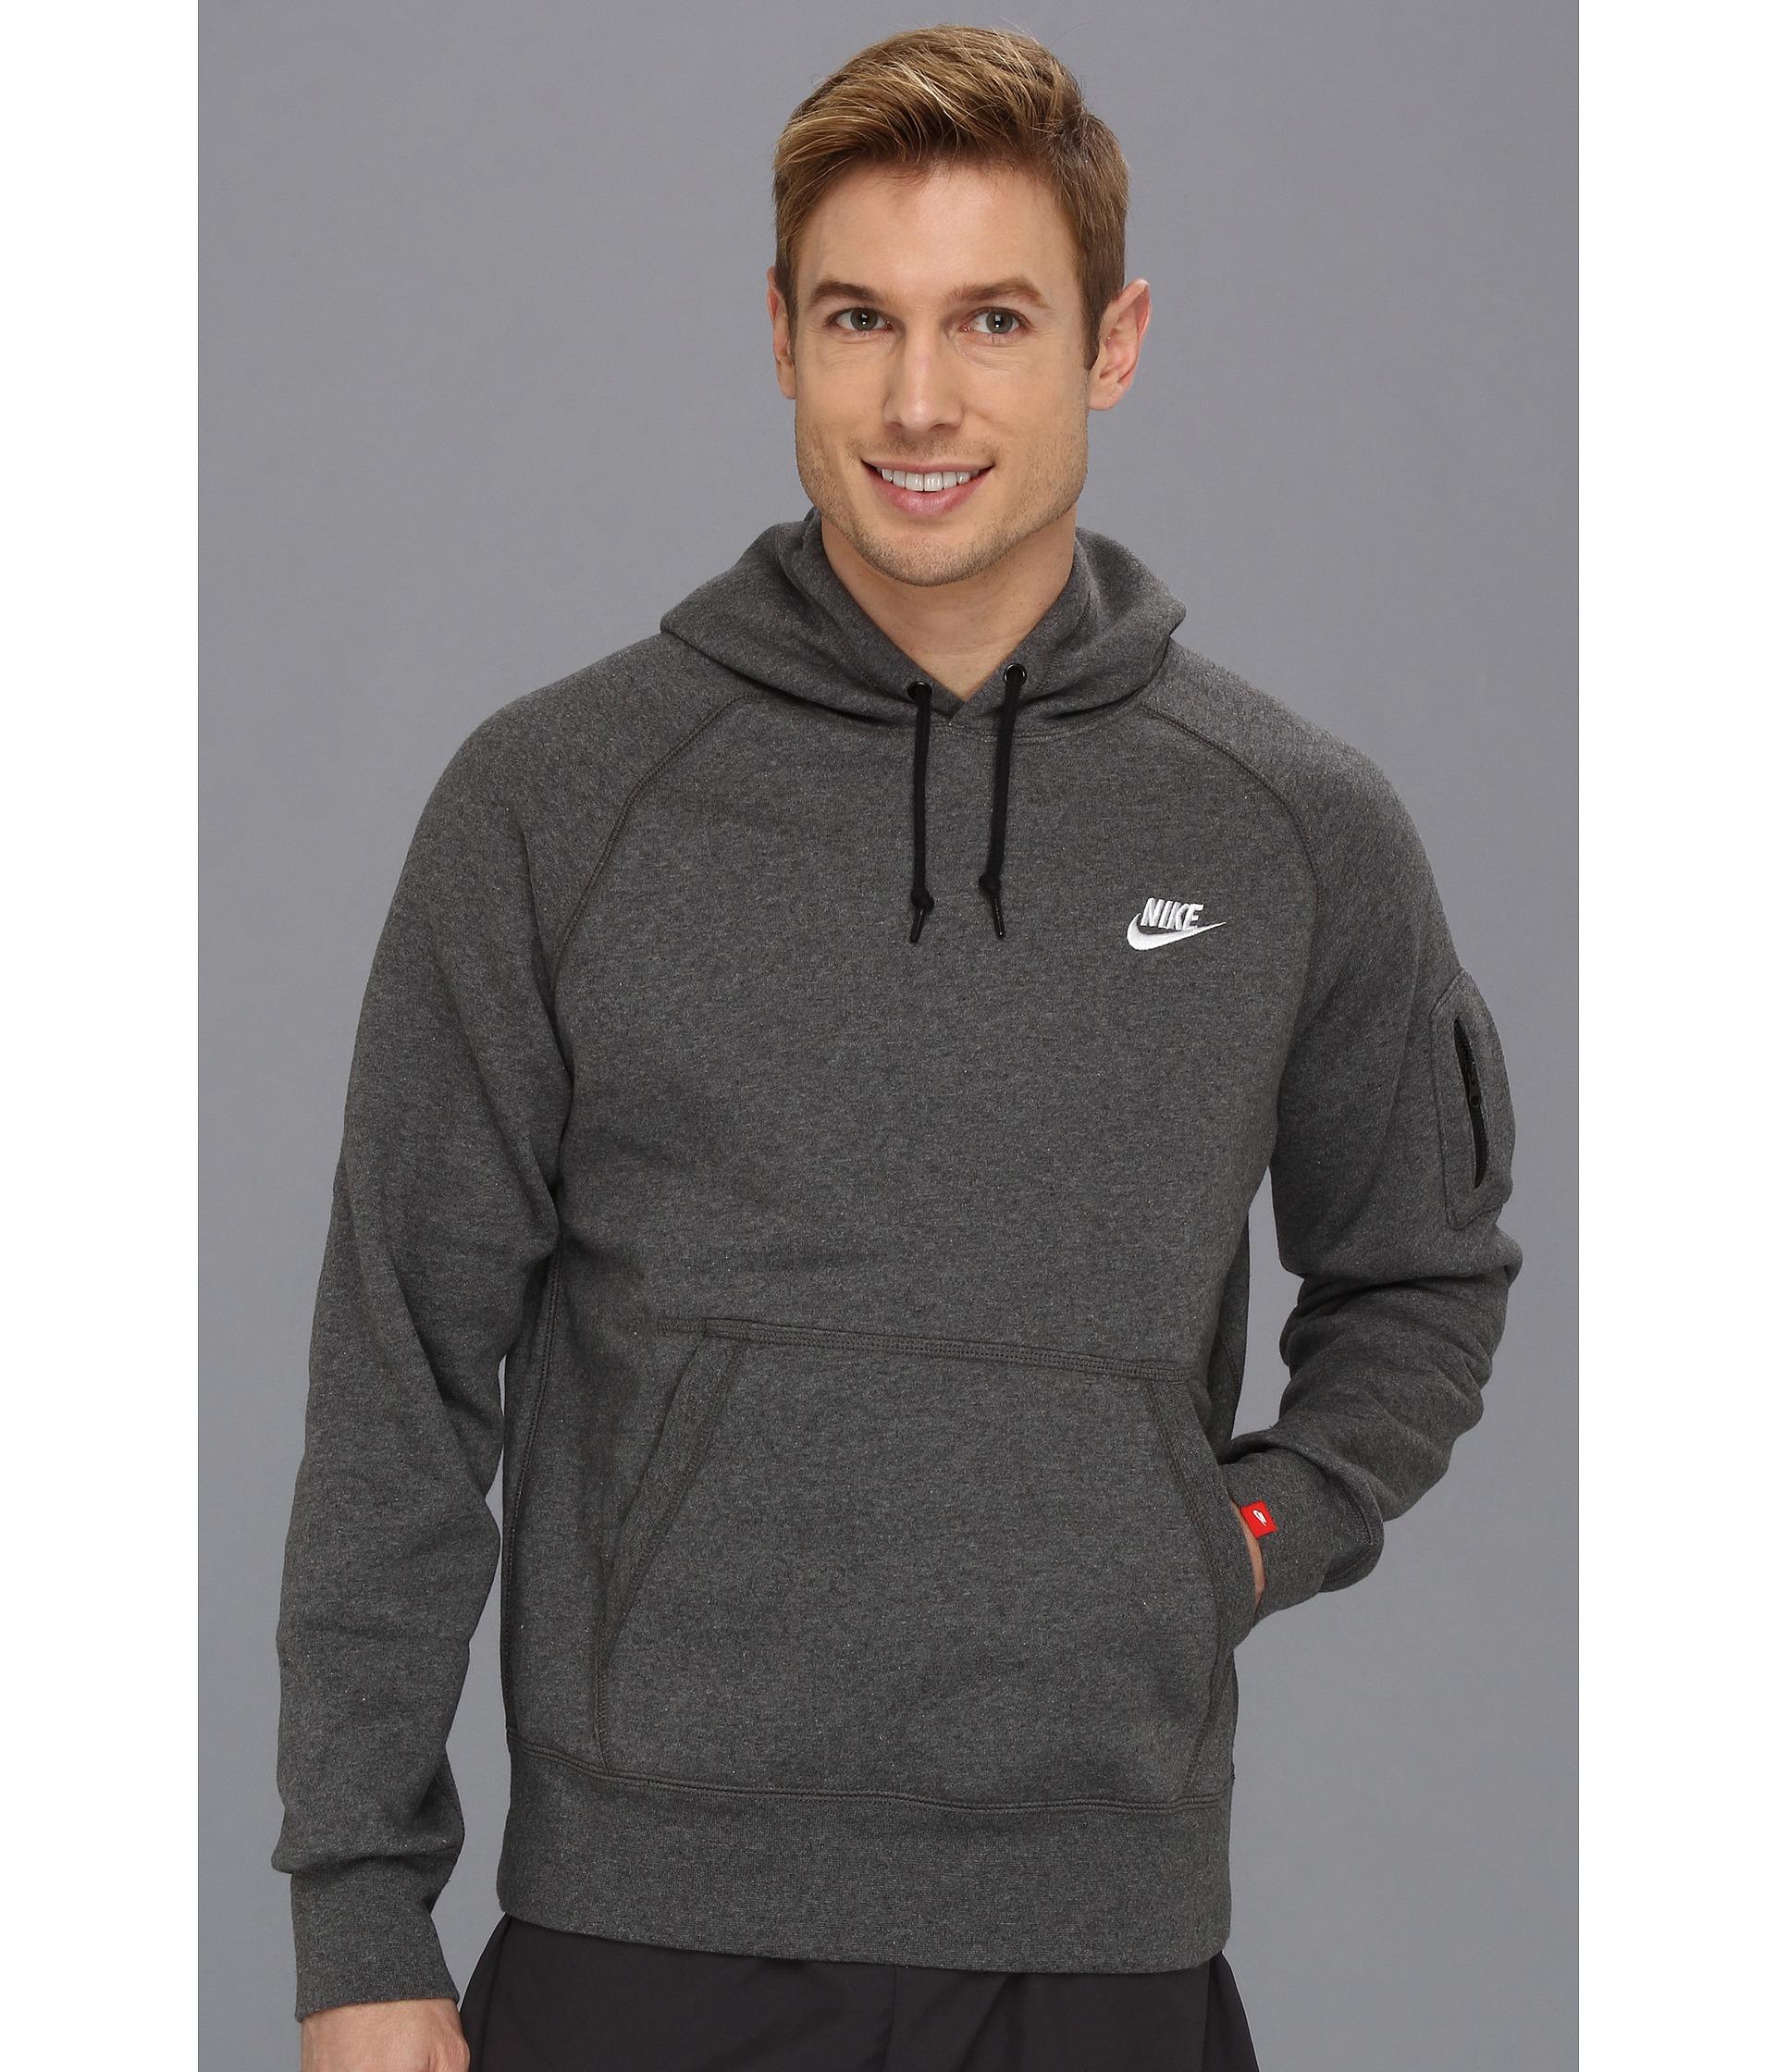 Pullover Mens SweatshirtsAzərbaycan Dillər Nike Universiteti 3jqA45LR